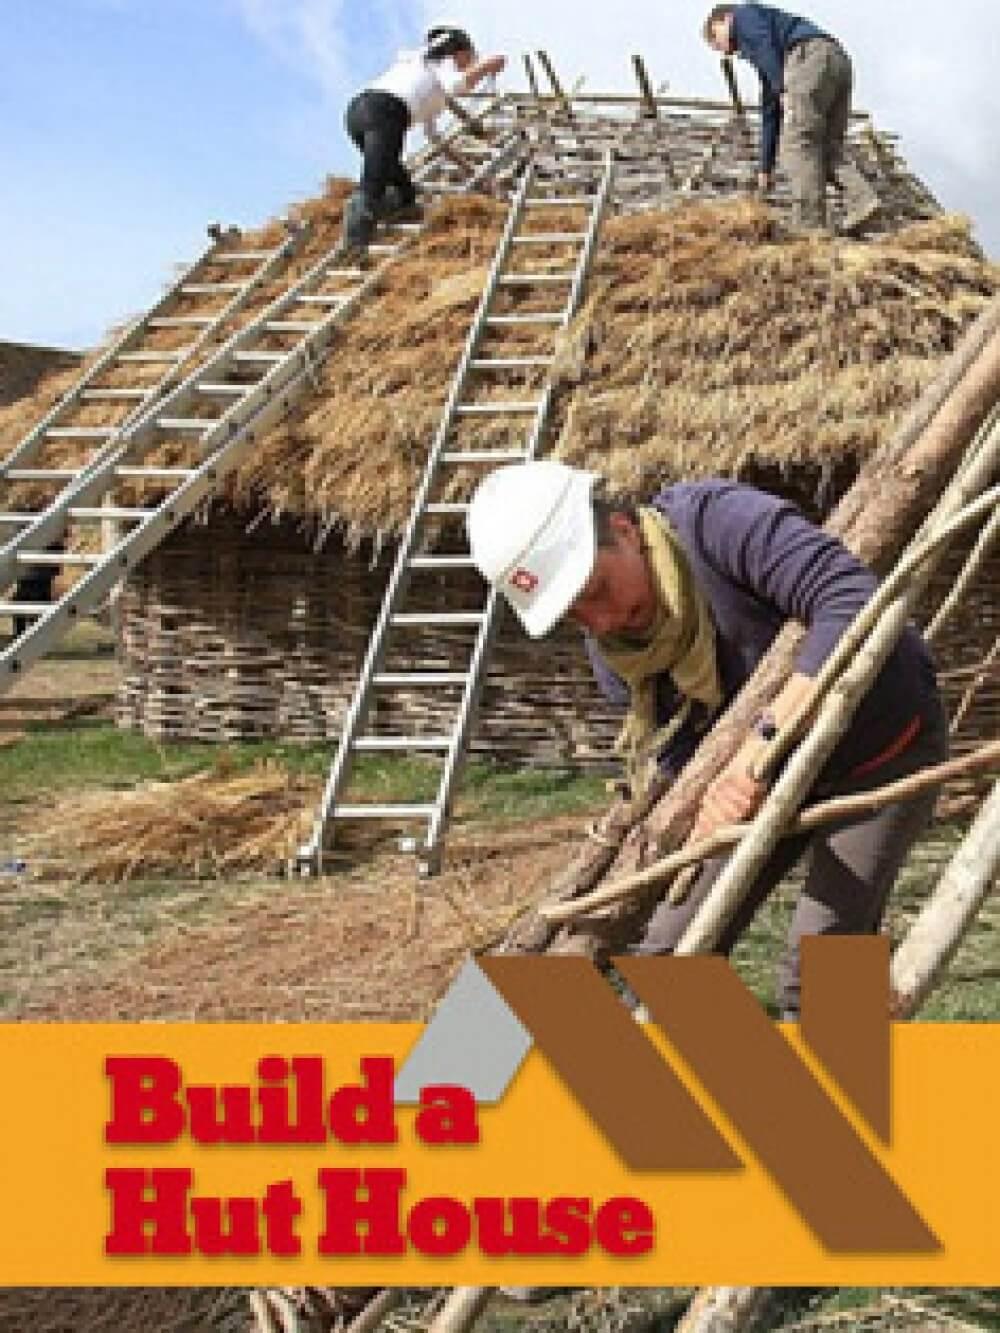 build_a_hut_house_vertical_web